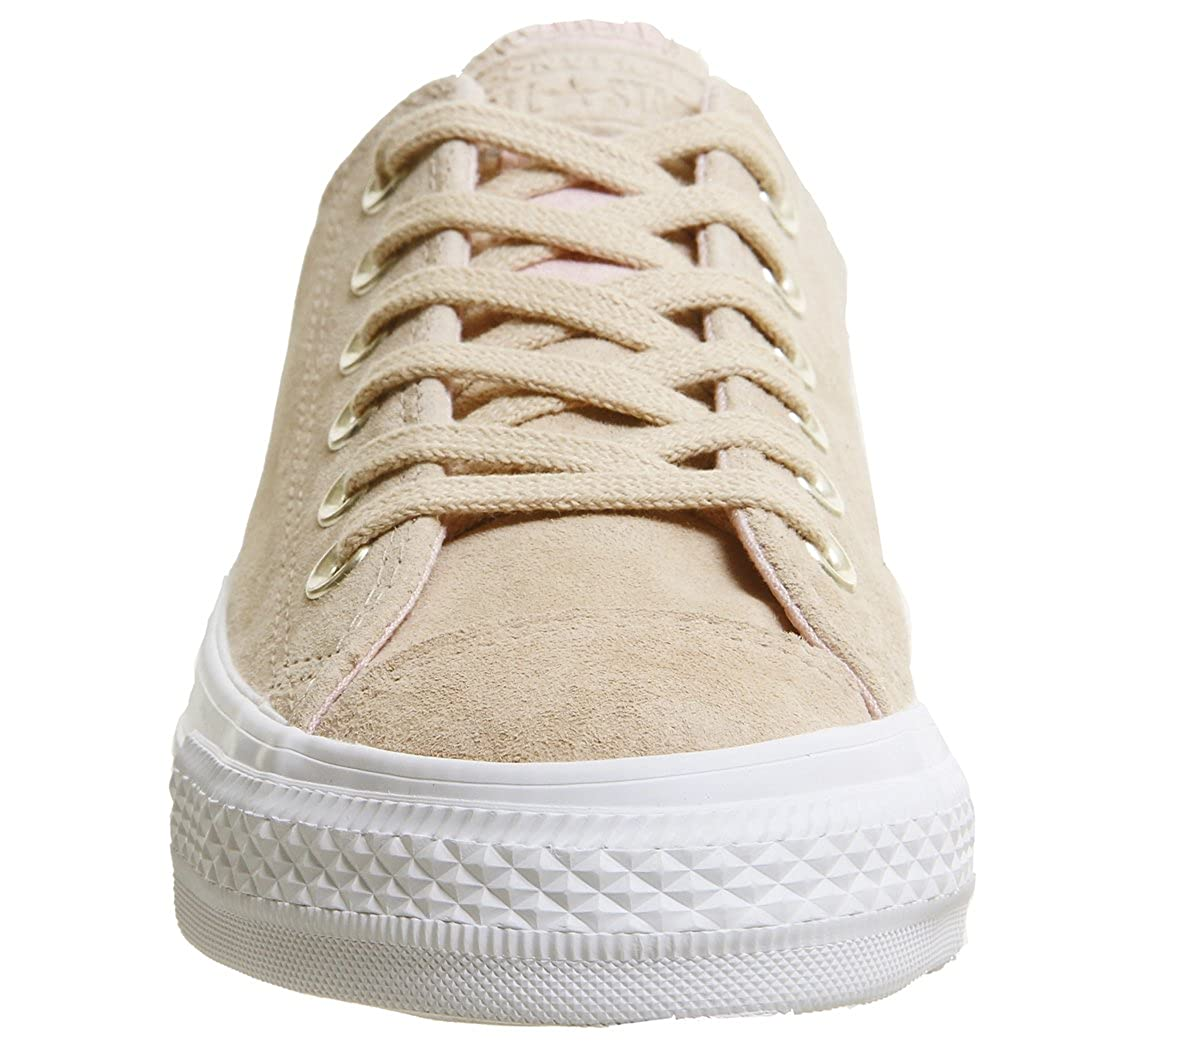 Converse Chuck Taylor Core Lea Ox, scarpe scarpe scarpe da ginnastica Unisex adulto B07DZR3FF2 36.5 EU Bio Beige Potpurri bianca Exclusive   una vasta gamma di prodotti    Gli Ordini Sono Benvenuti    Aspetto estetico    riparazione    Garanzia di qualità e quantit 6dbf1d